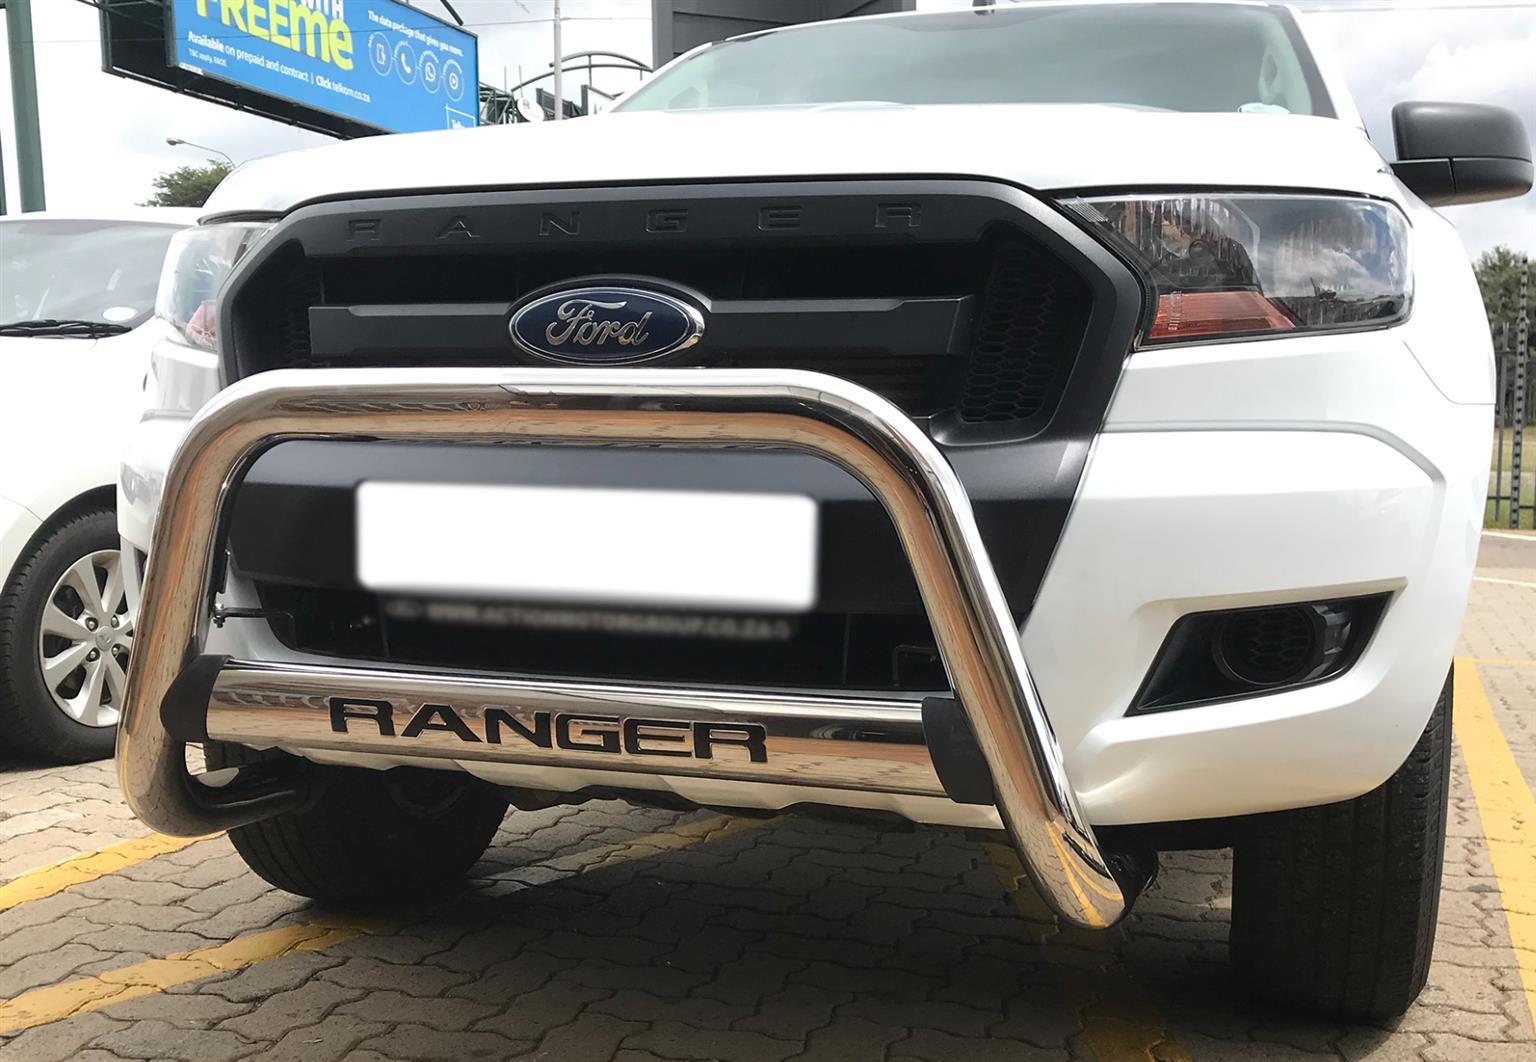 Ford Ranger Nudgebar